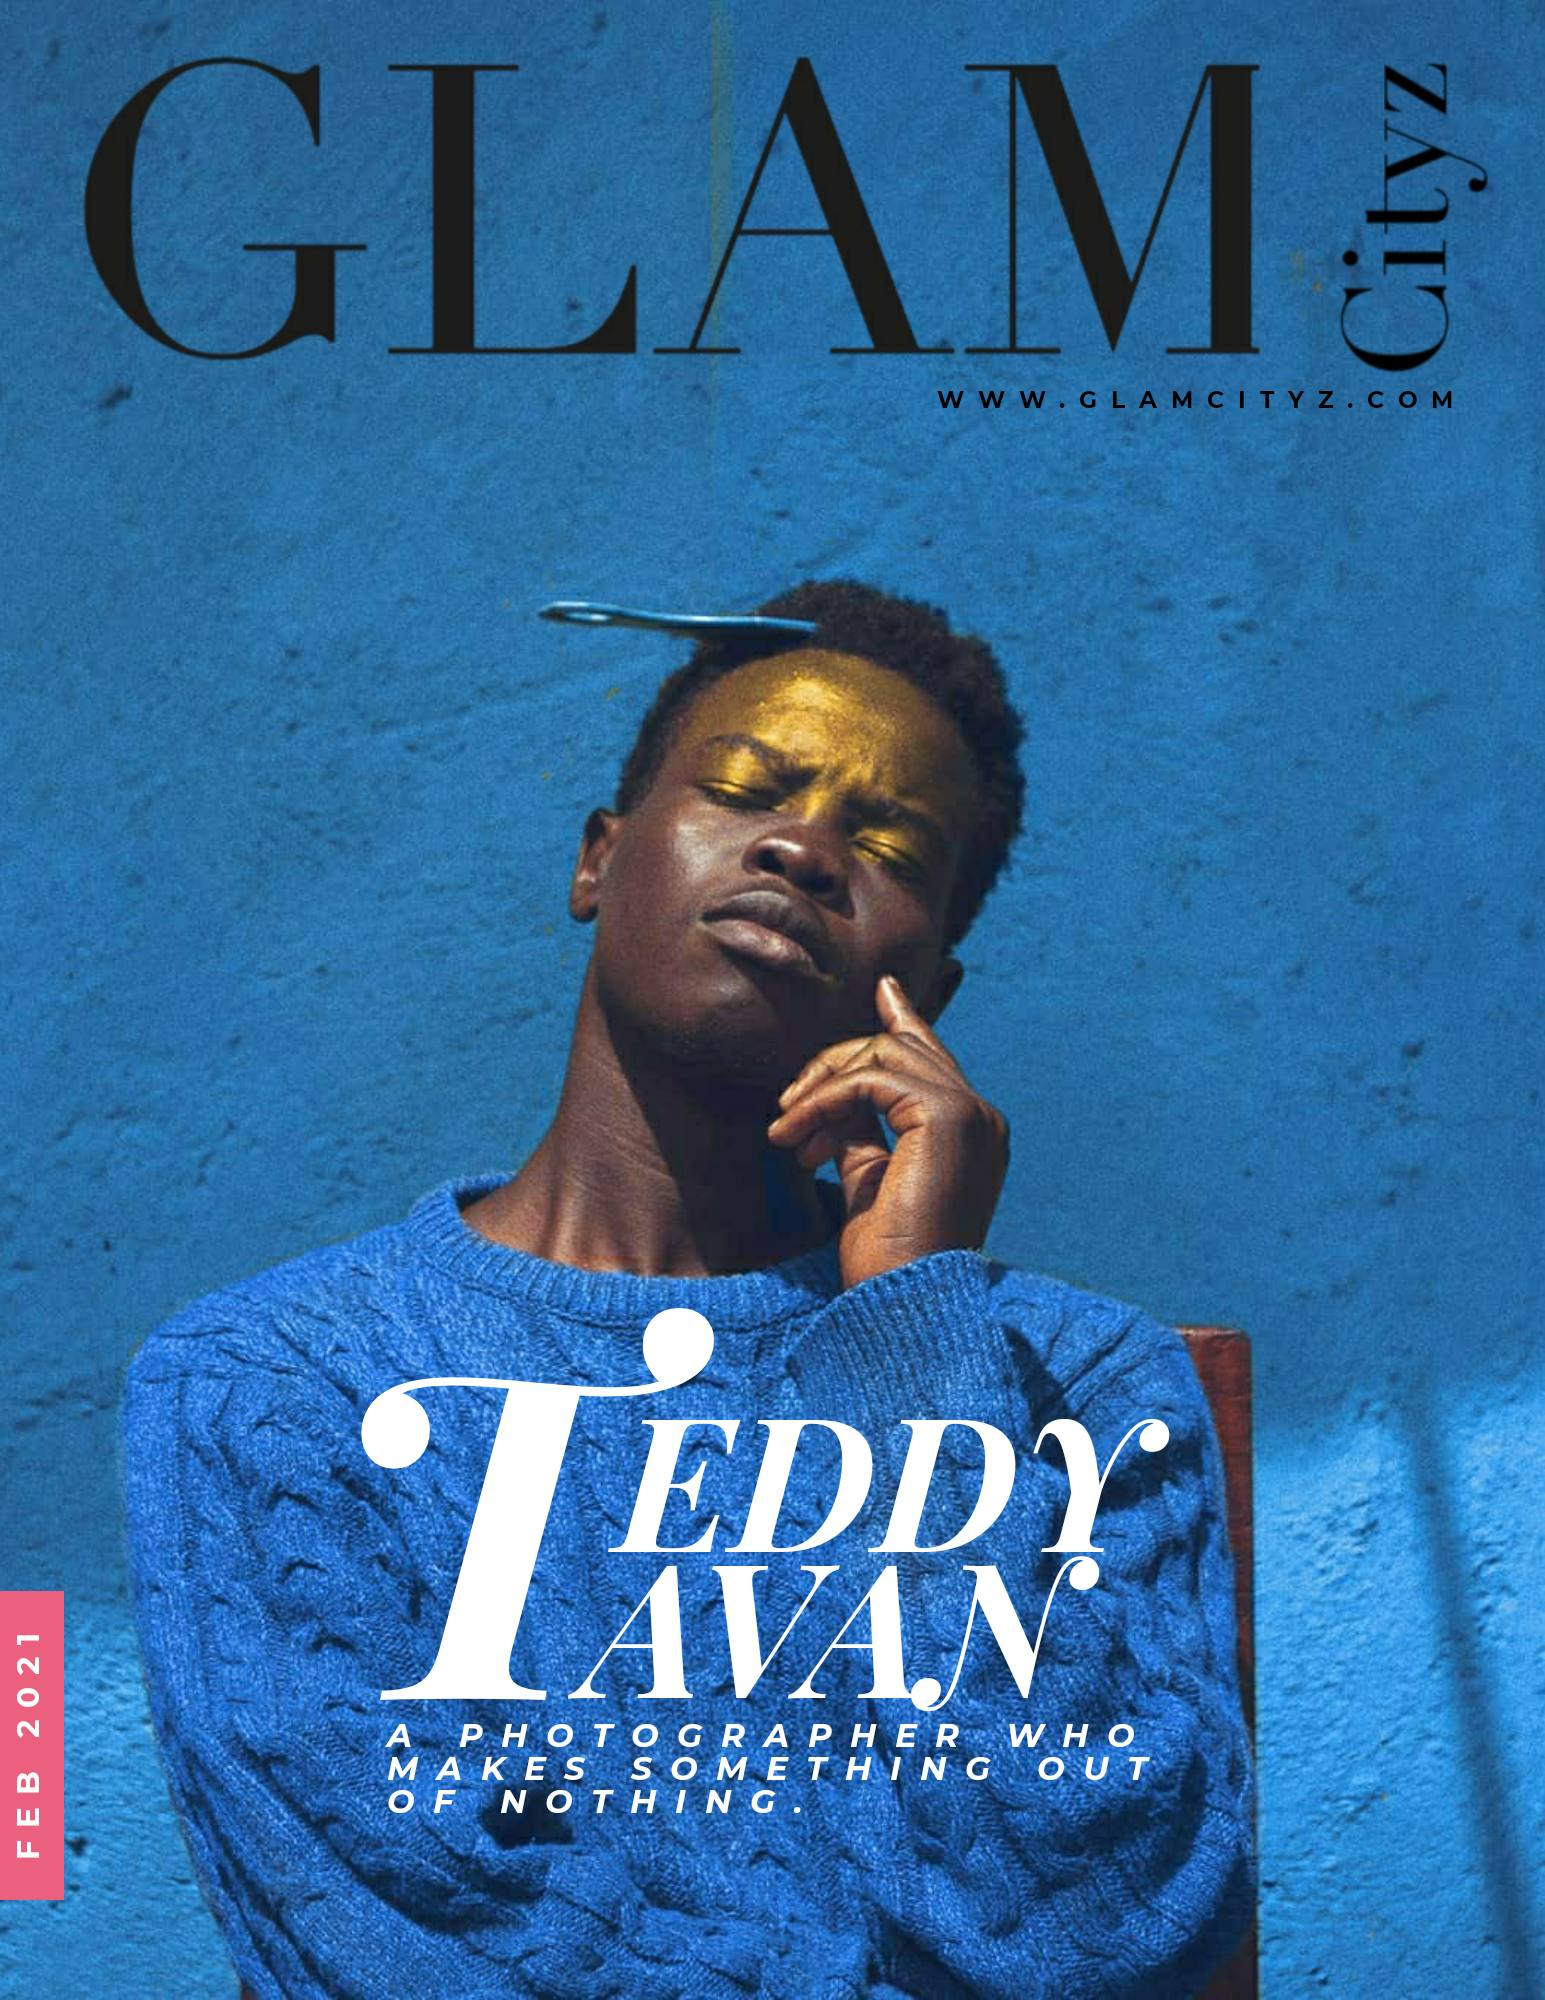 Teddy Tavan Glamcityz